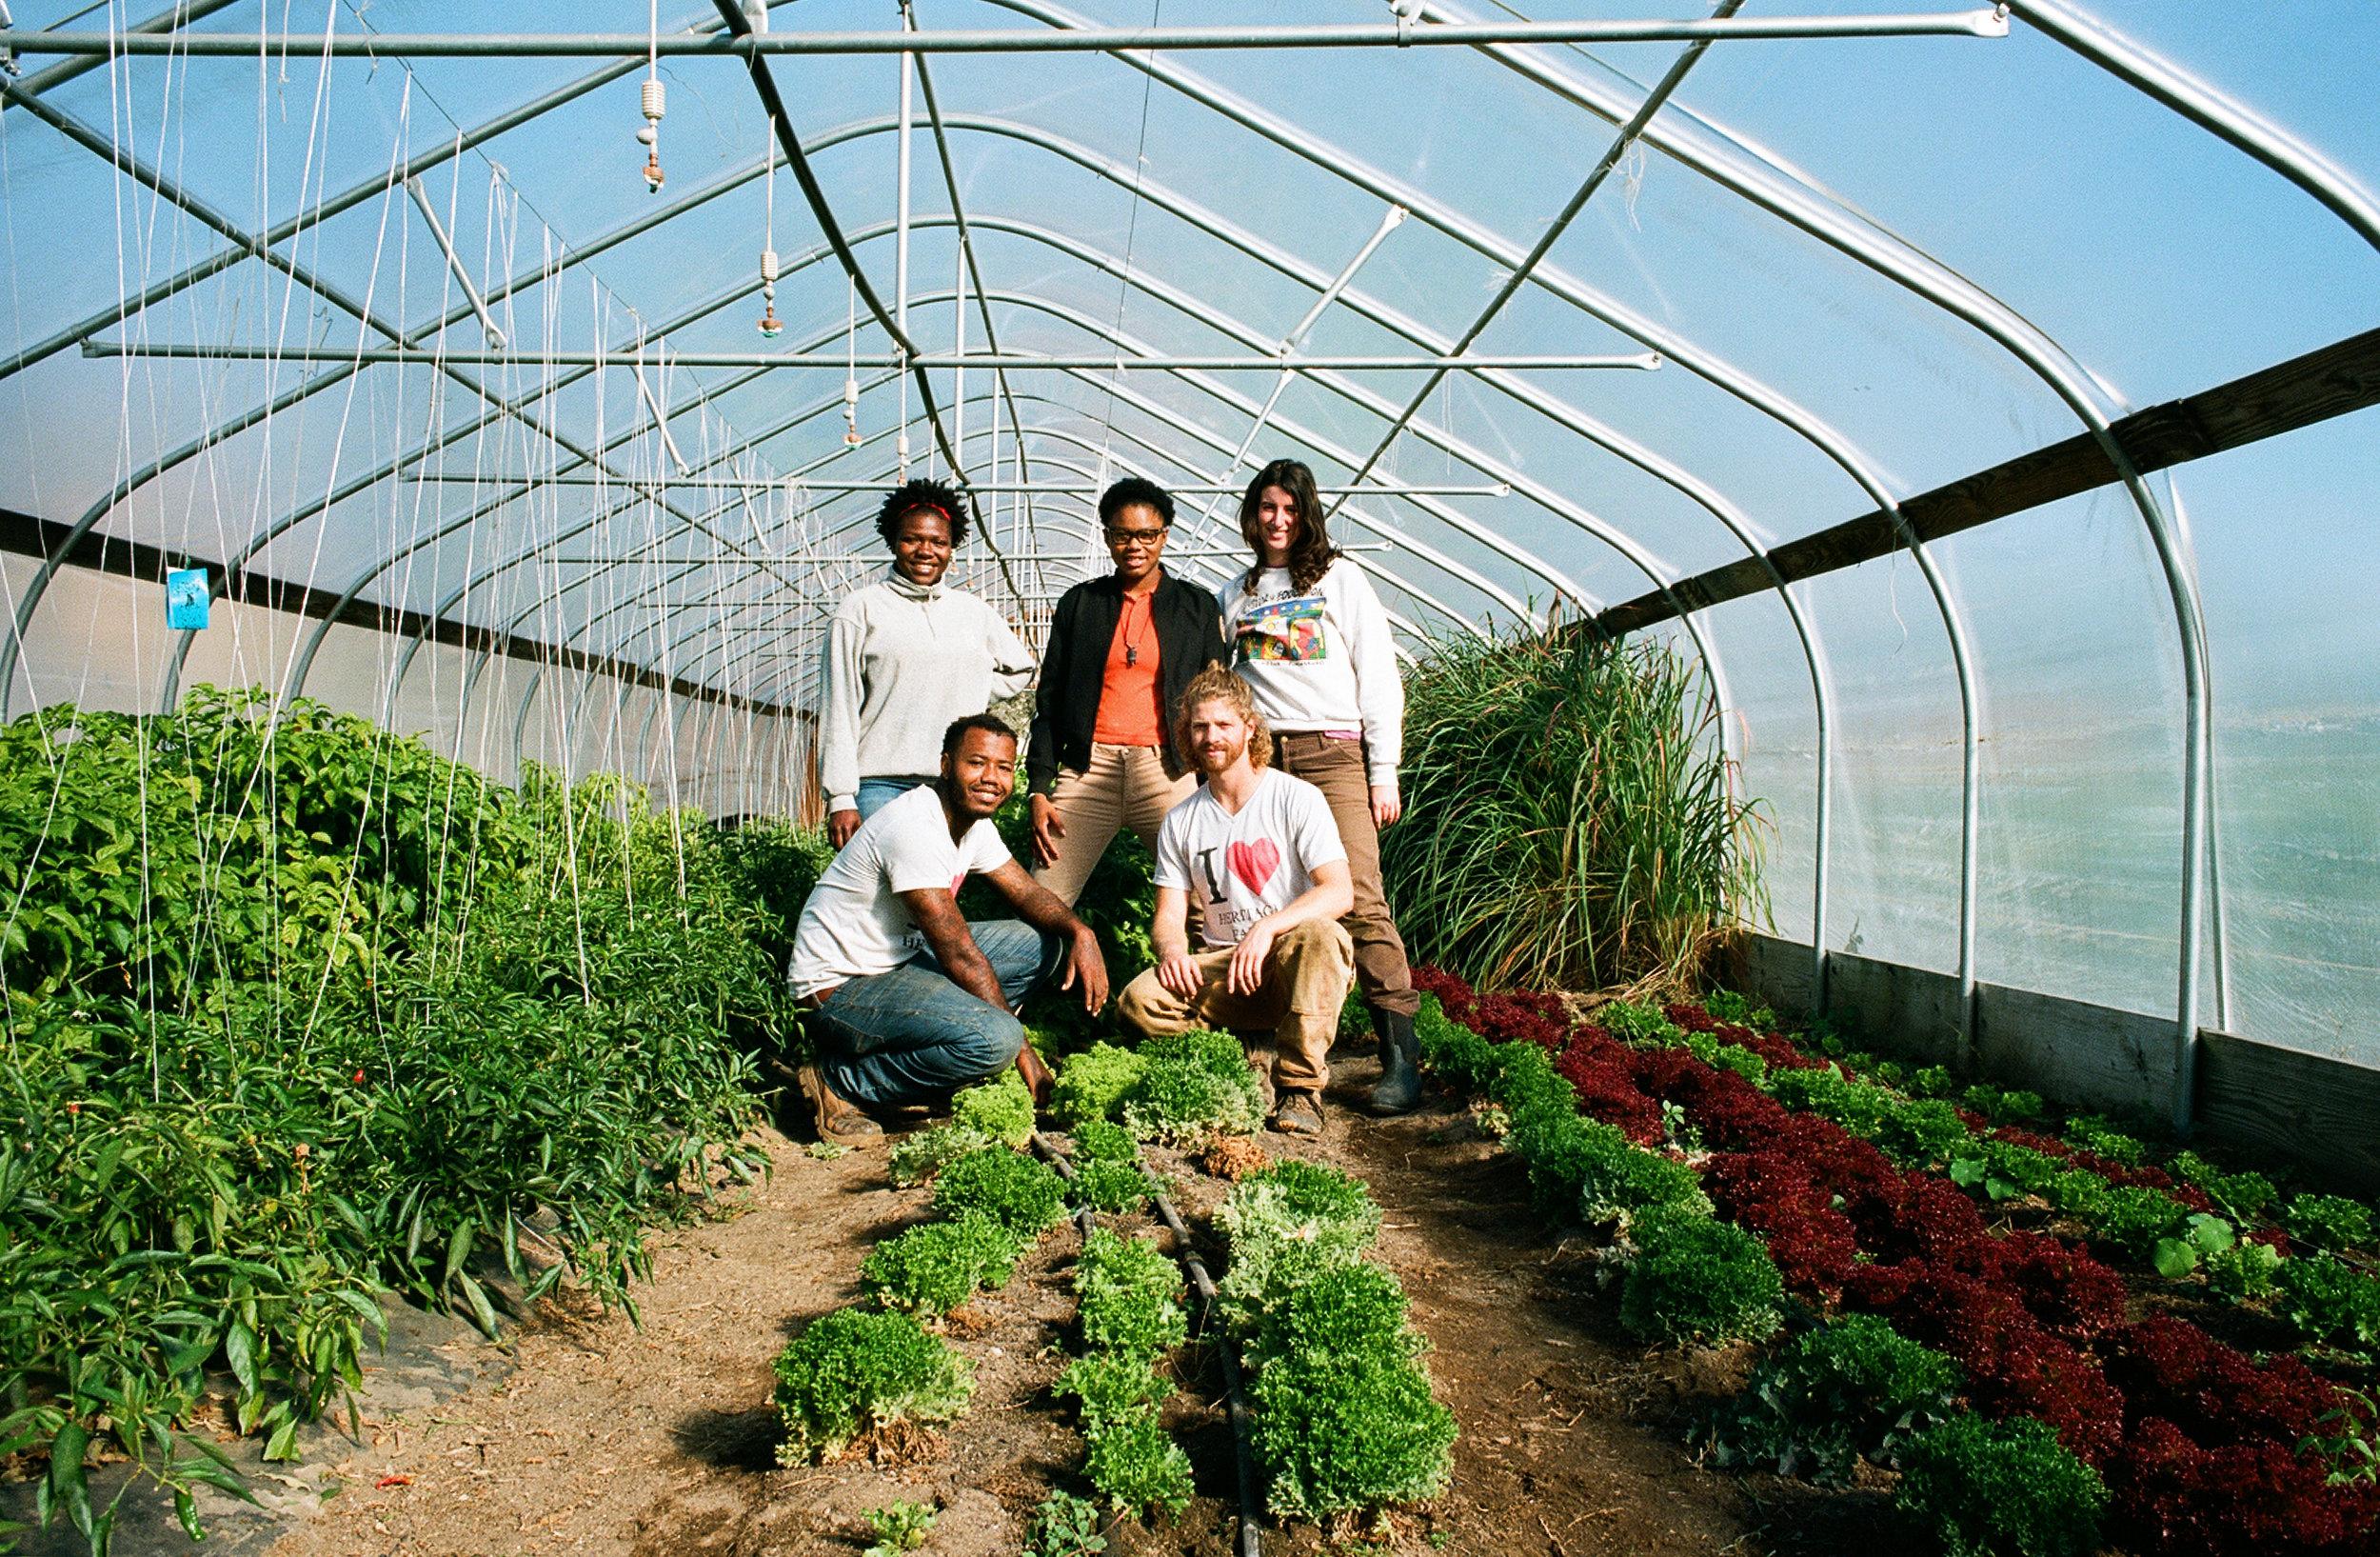 heritage farm - Kristina.jpg